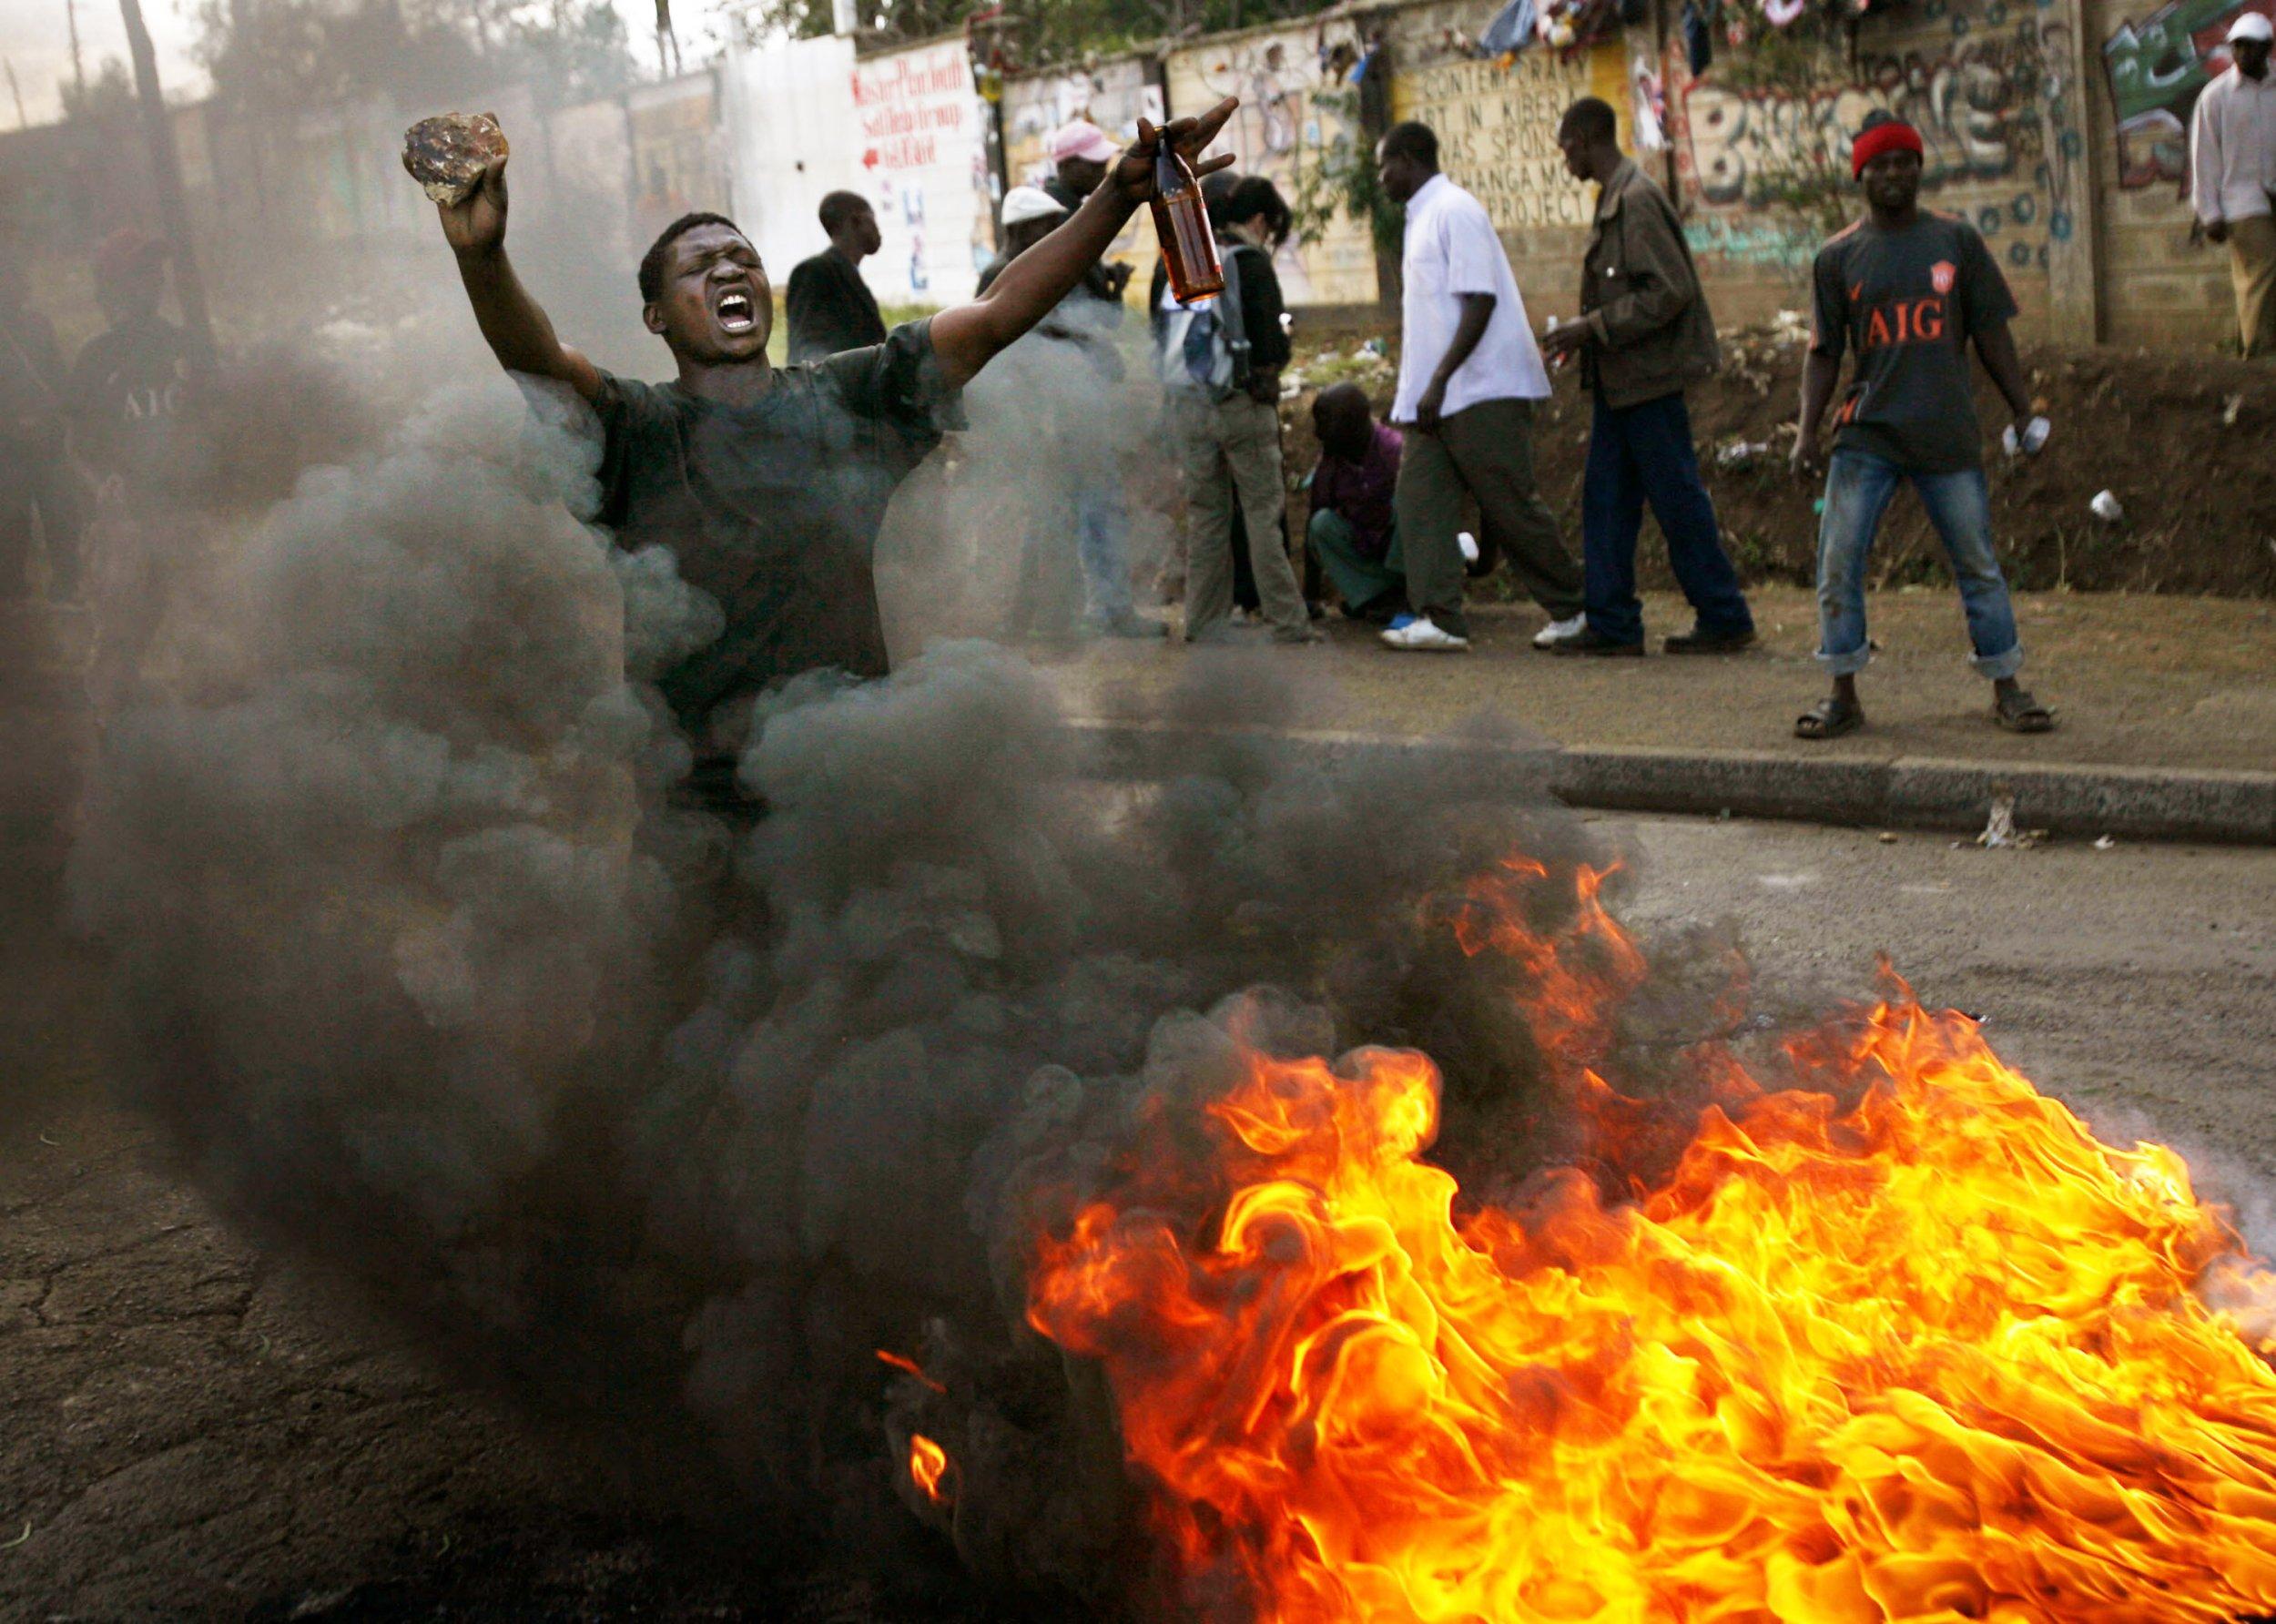 Kenya 2007 election protest